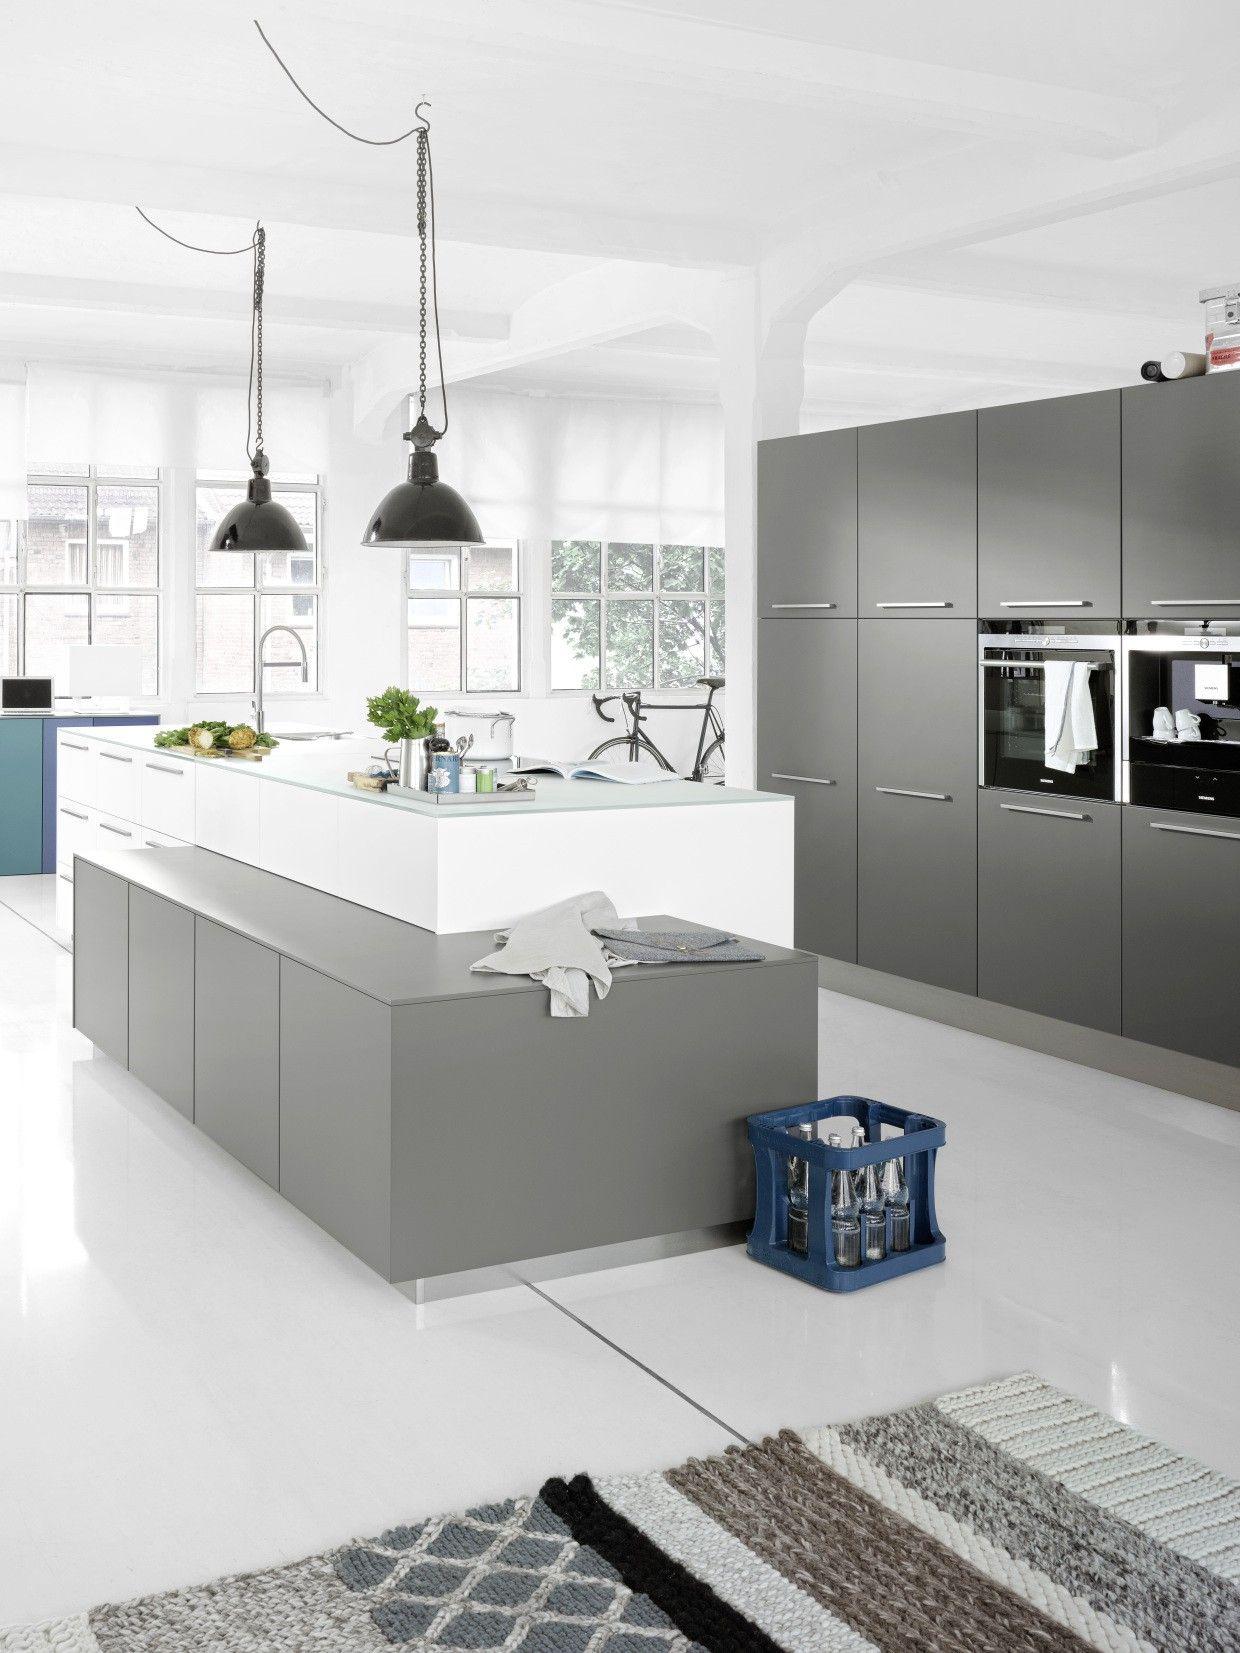 29ae32a2b570c98147a28d7f6ef5d6be Frais De Cuisine Ouverte Bar Concept